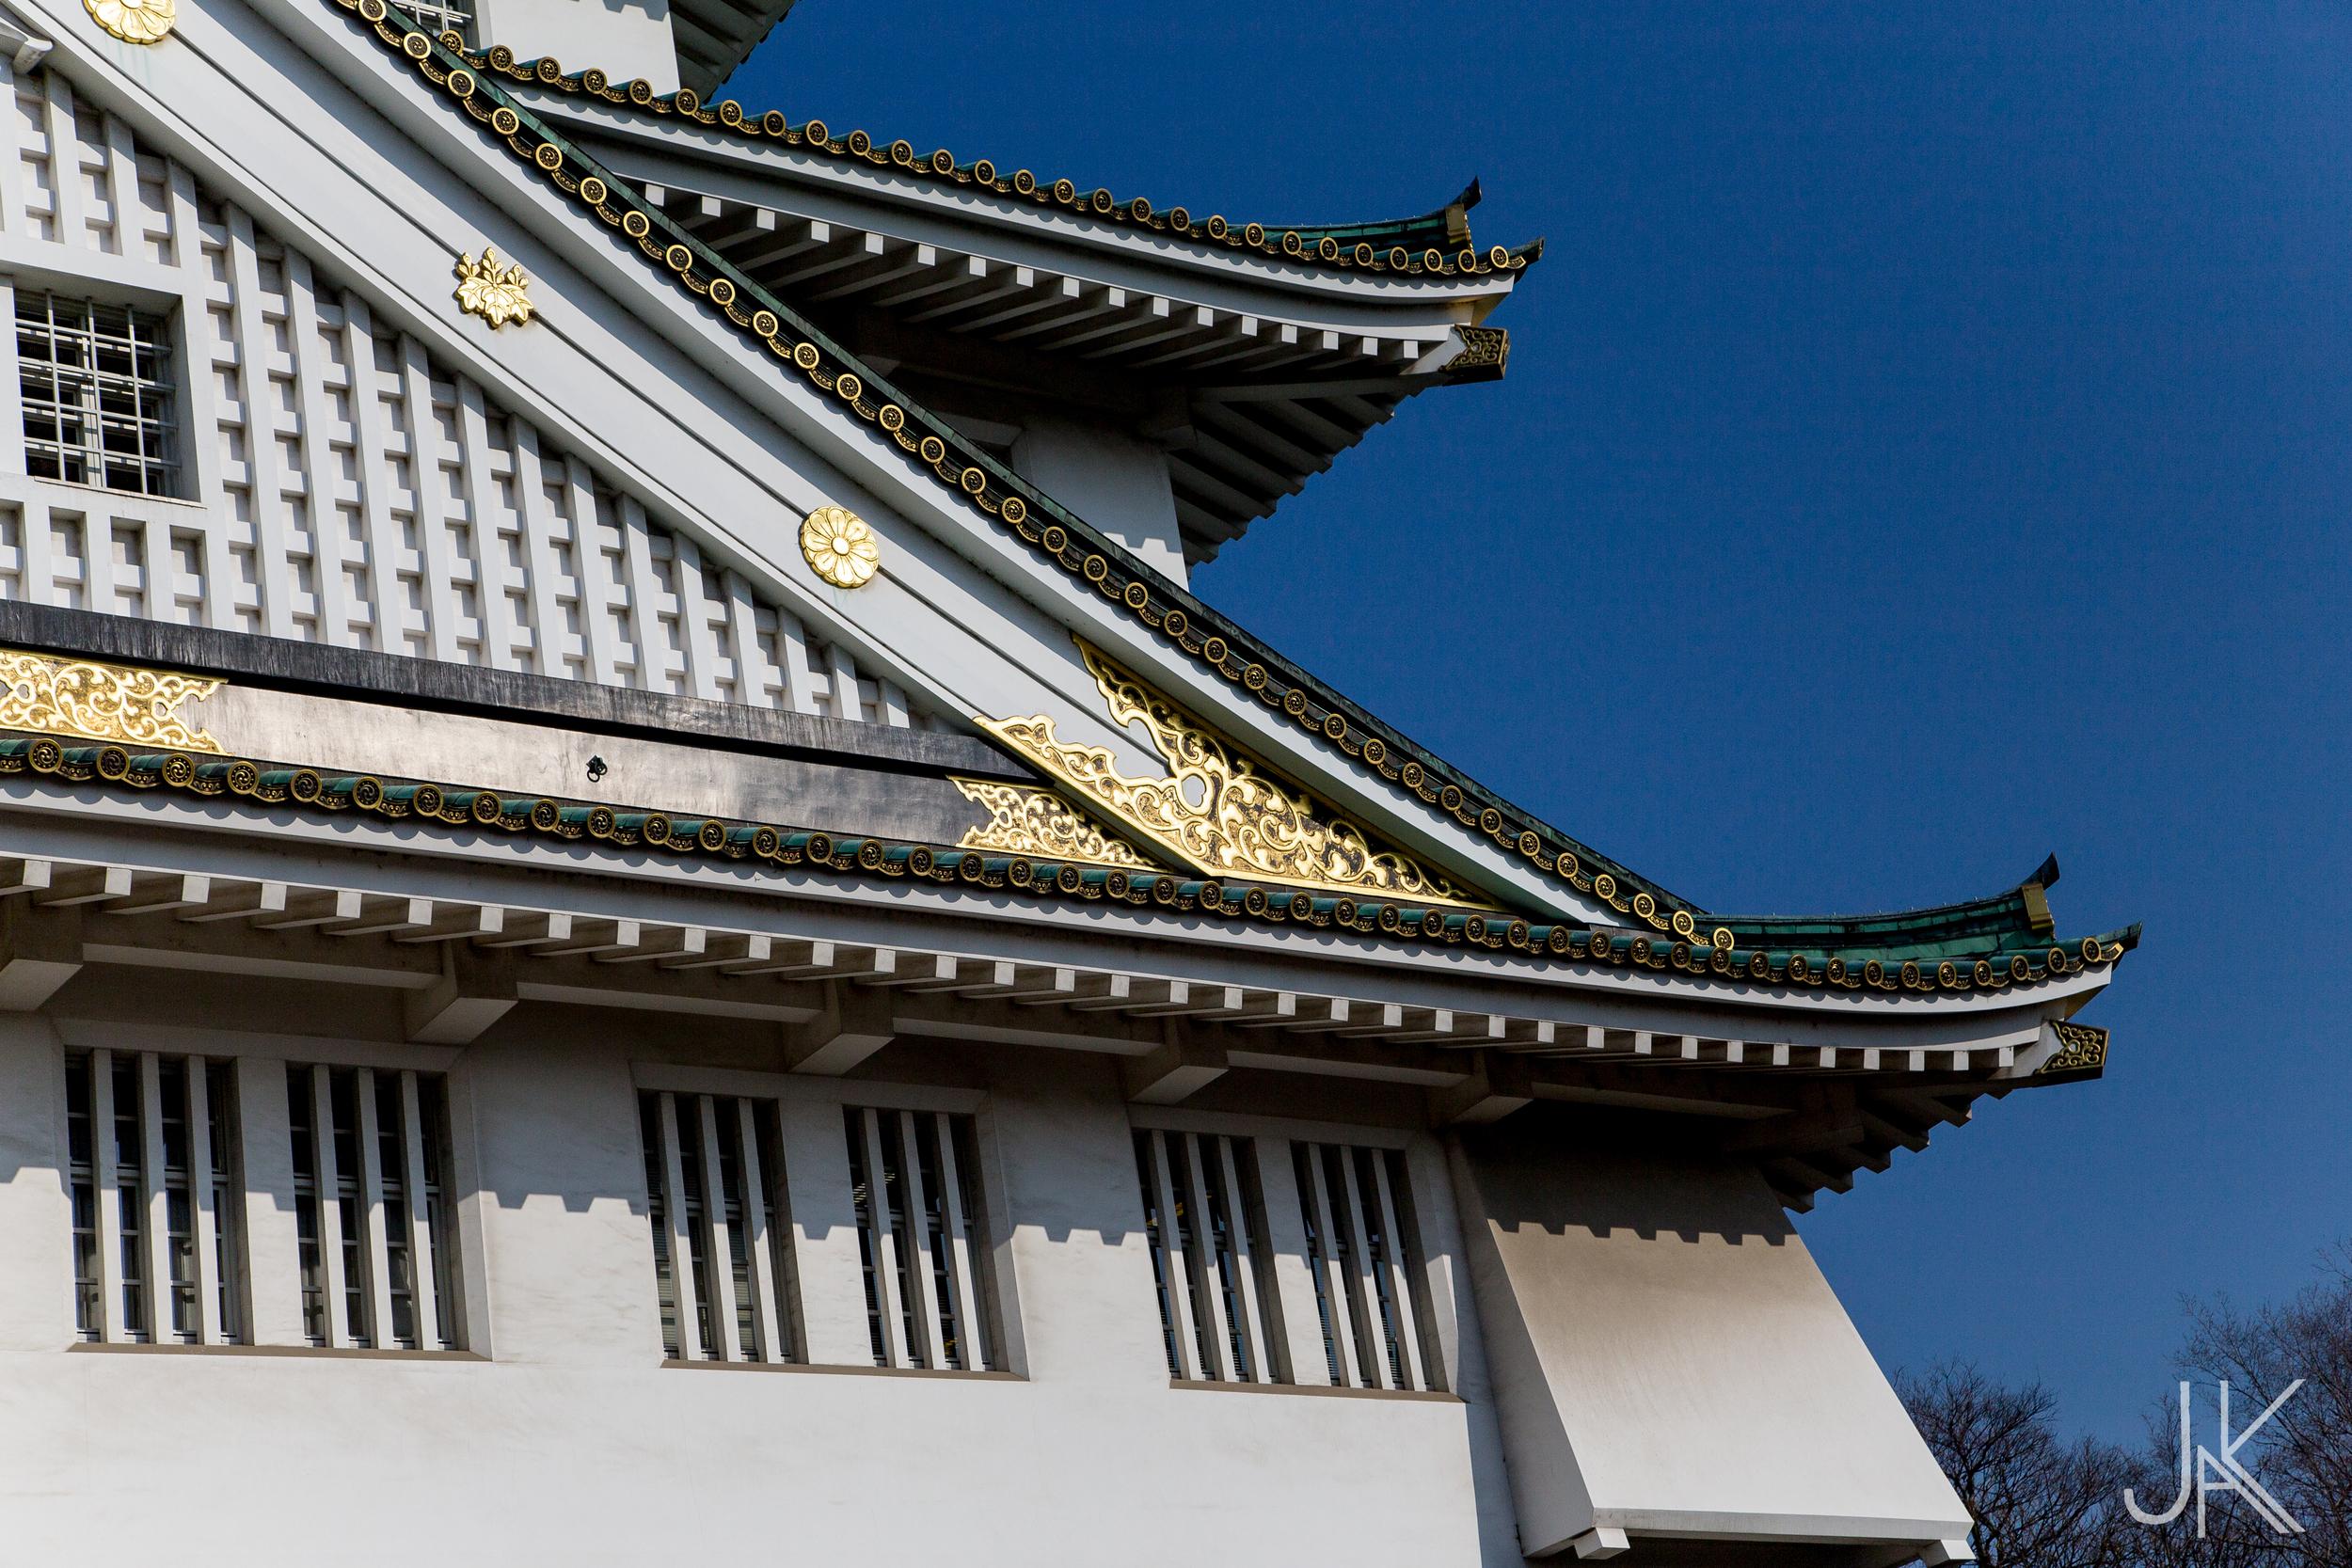 Osaka-do Element